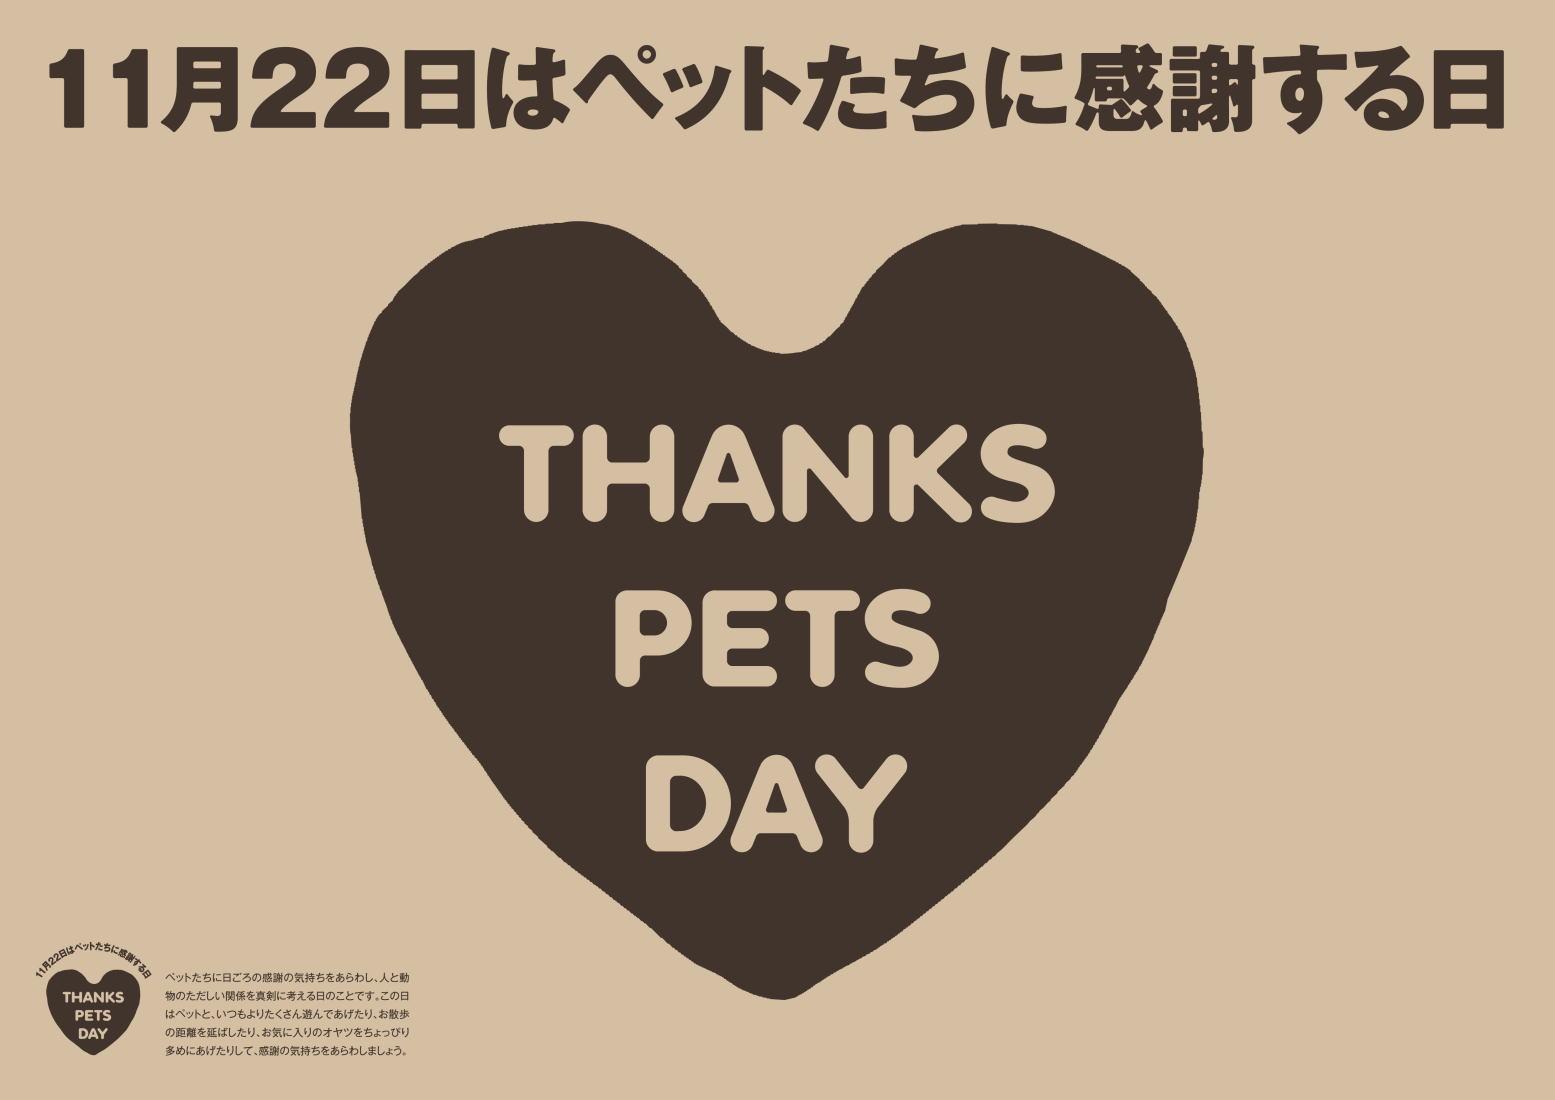 ペットたちに感謝する日(THANKS PETS DAY)